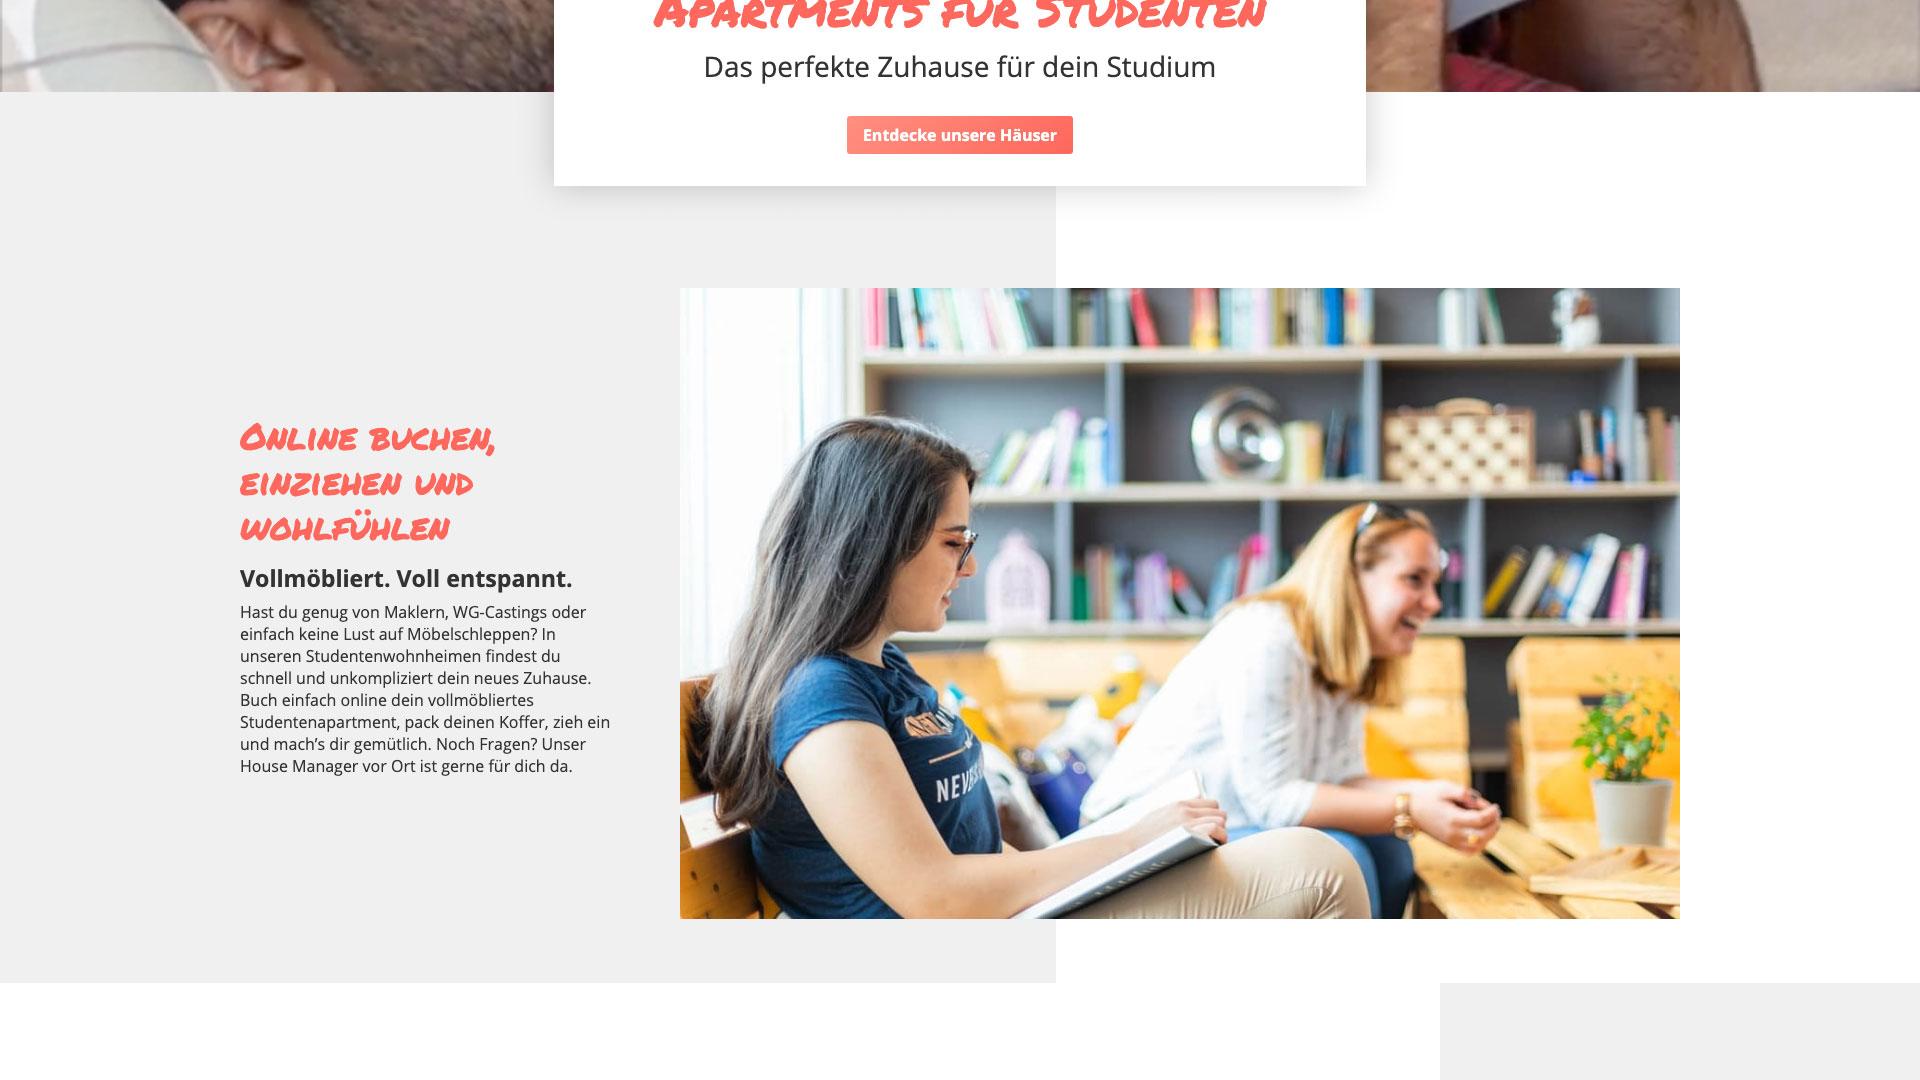 THE FIZZ Startseite in der Desktopansicht Fokus auf Contentbereich